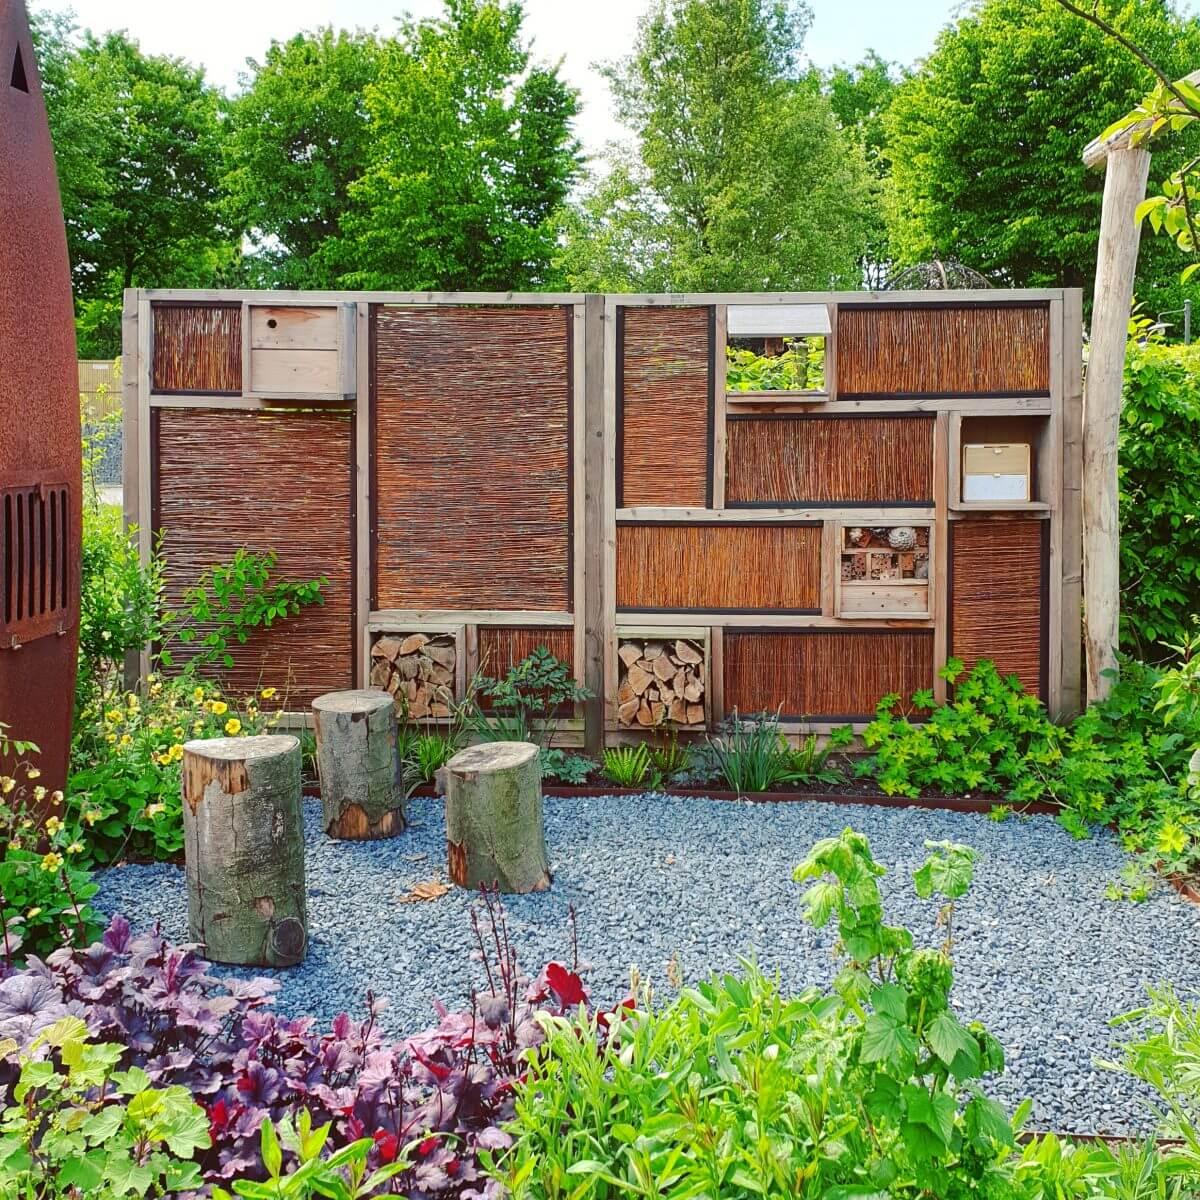 kindvriendelijke tuin met schutting met insectenhotel in de schutting